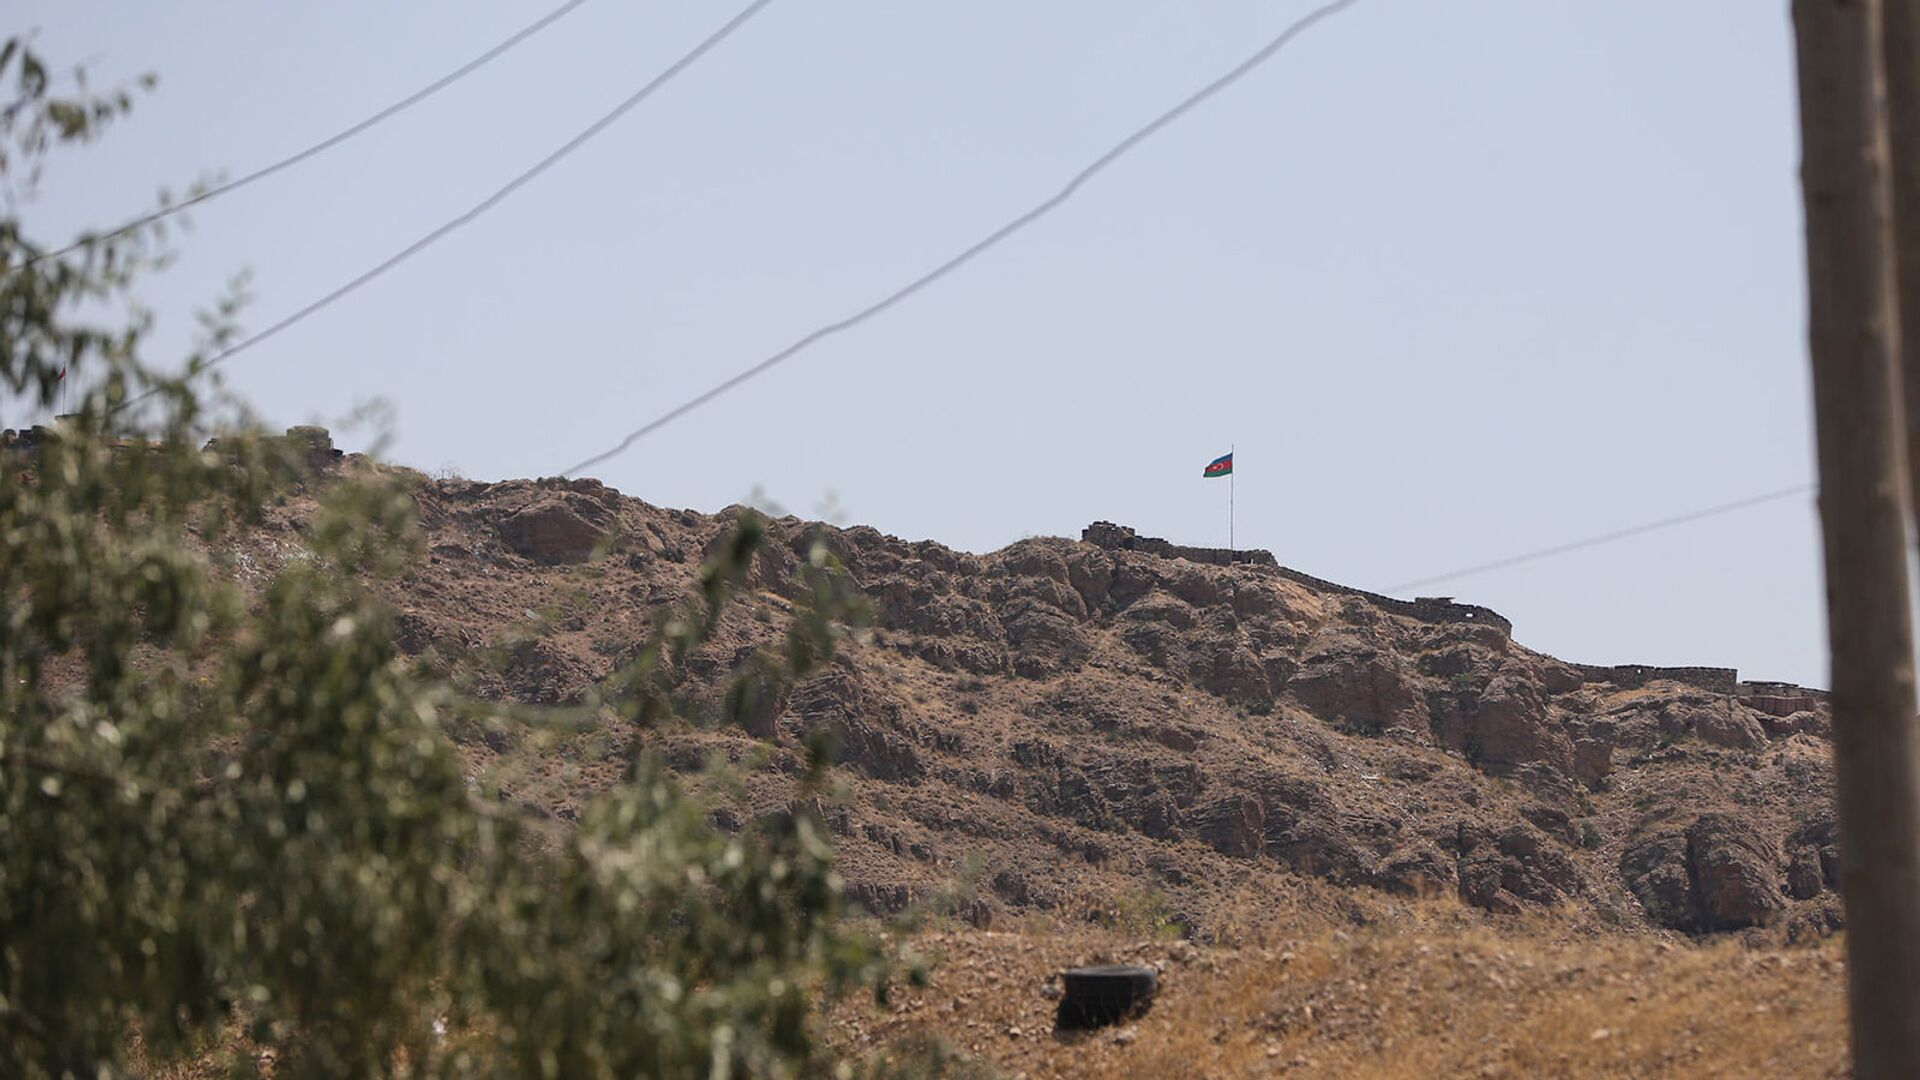 Азербайджанский приграничный пост на границе близ села Ерасх - Sputnik Արմենիա, 1920, 12.08.2021